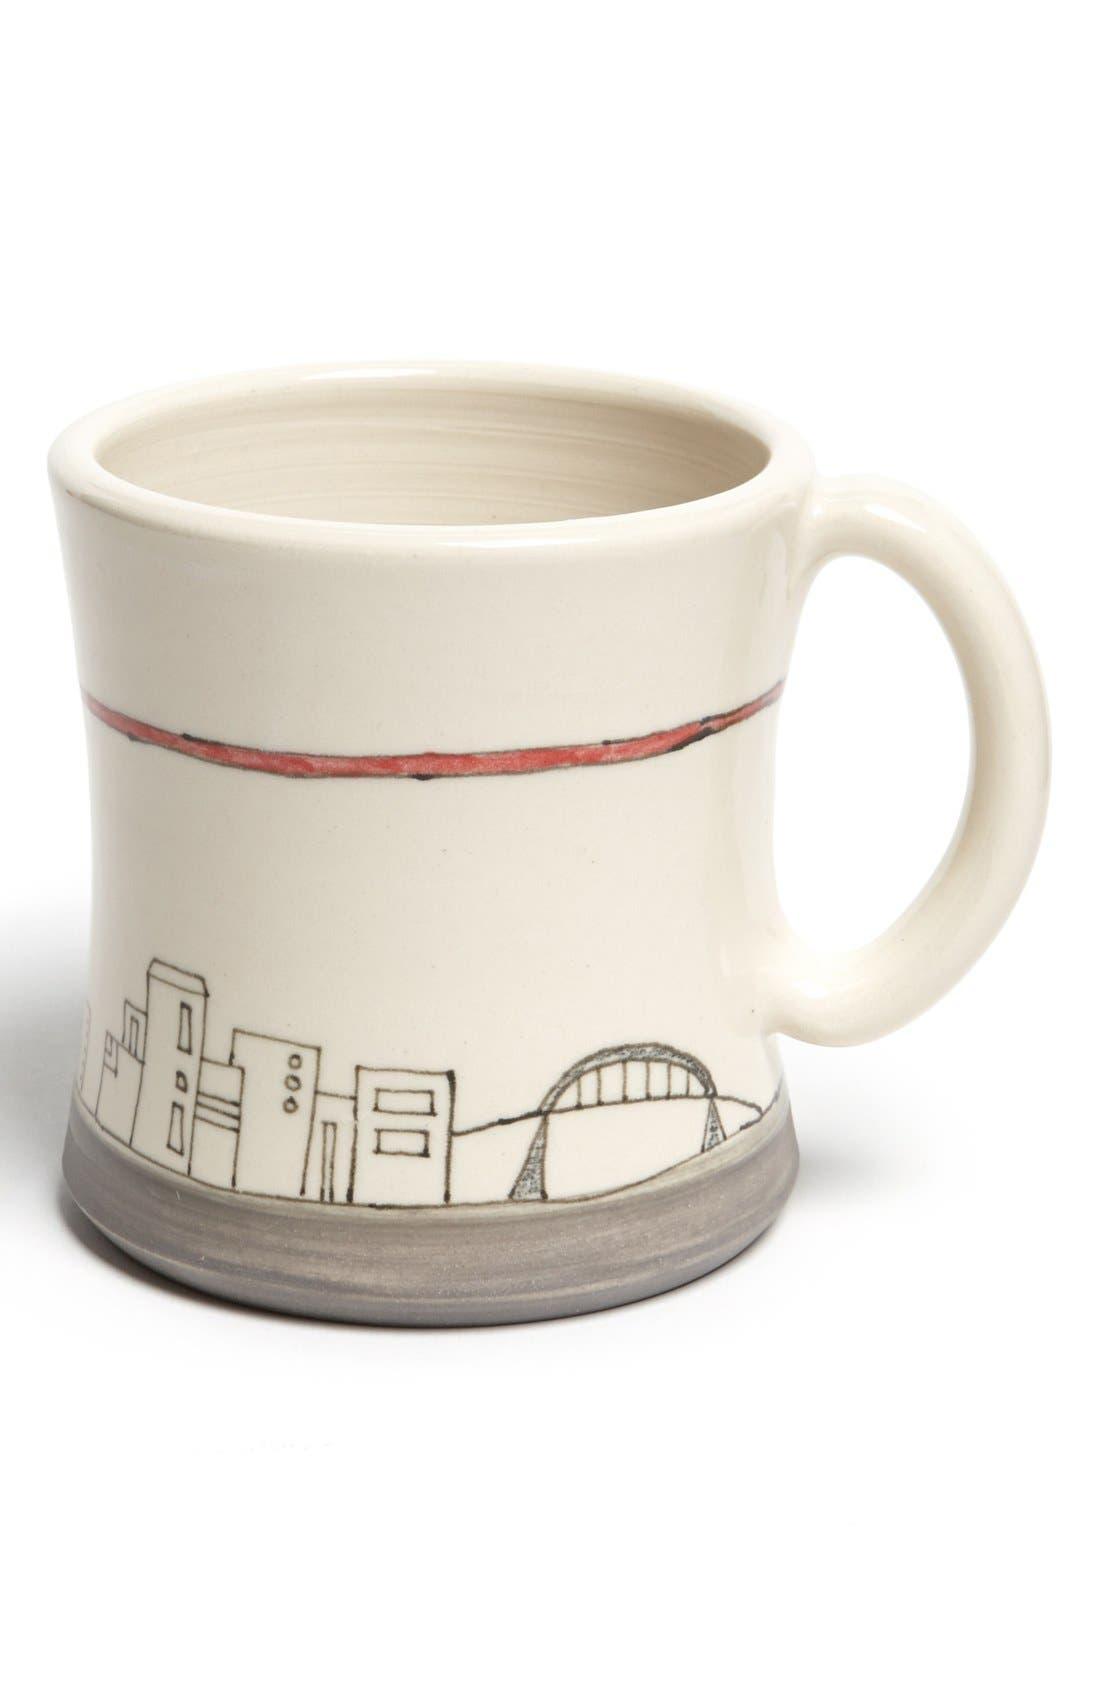 Alternate Image 1 Selected - Downing Pottery Columbus Cityscape Mug